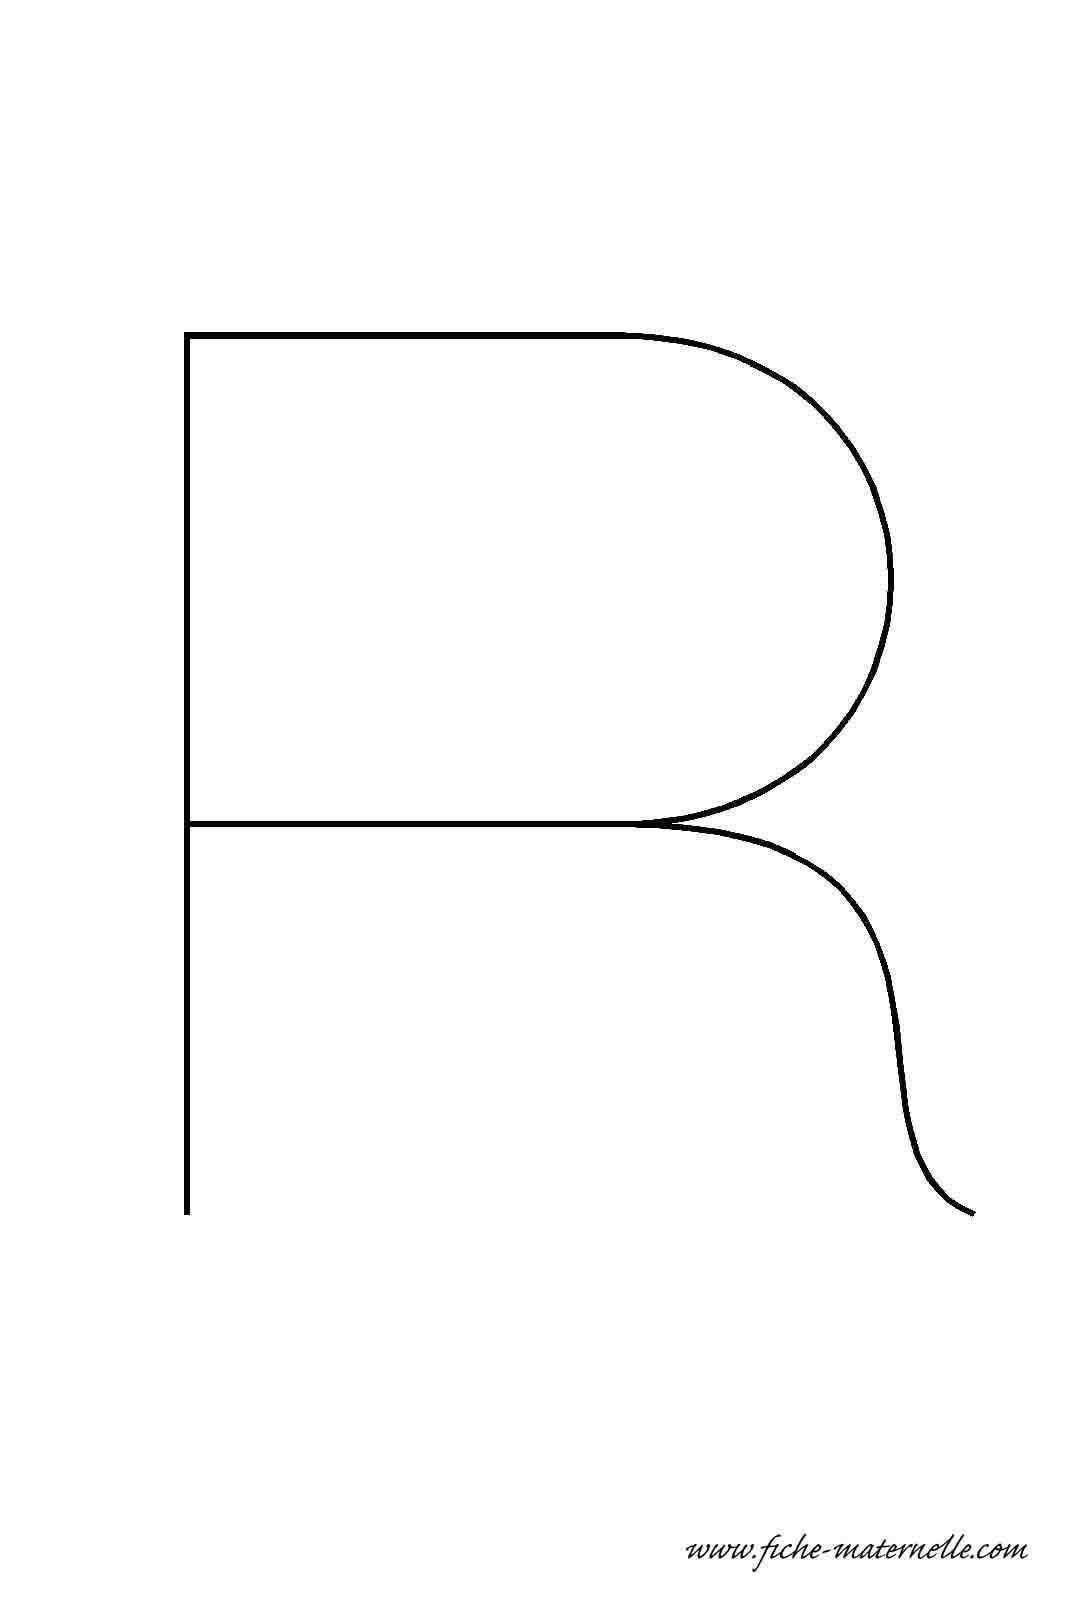 Lettre de l 39 alphabet d corer la lettre capitale r fil de fer - Lettres de l alphabet a decorer ...